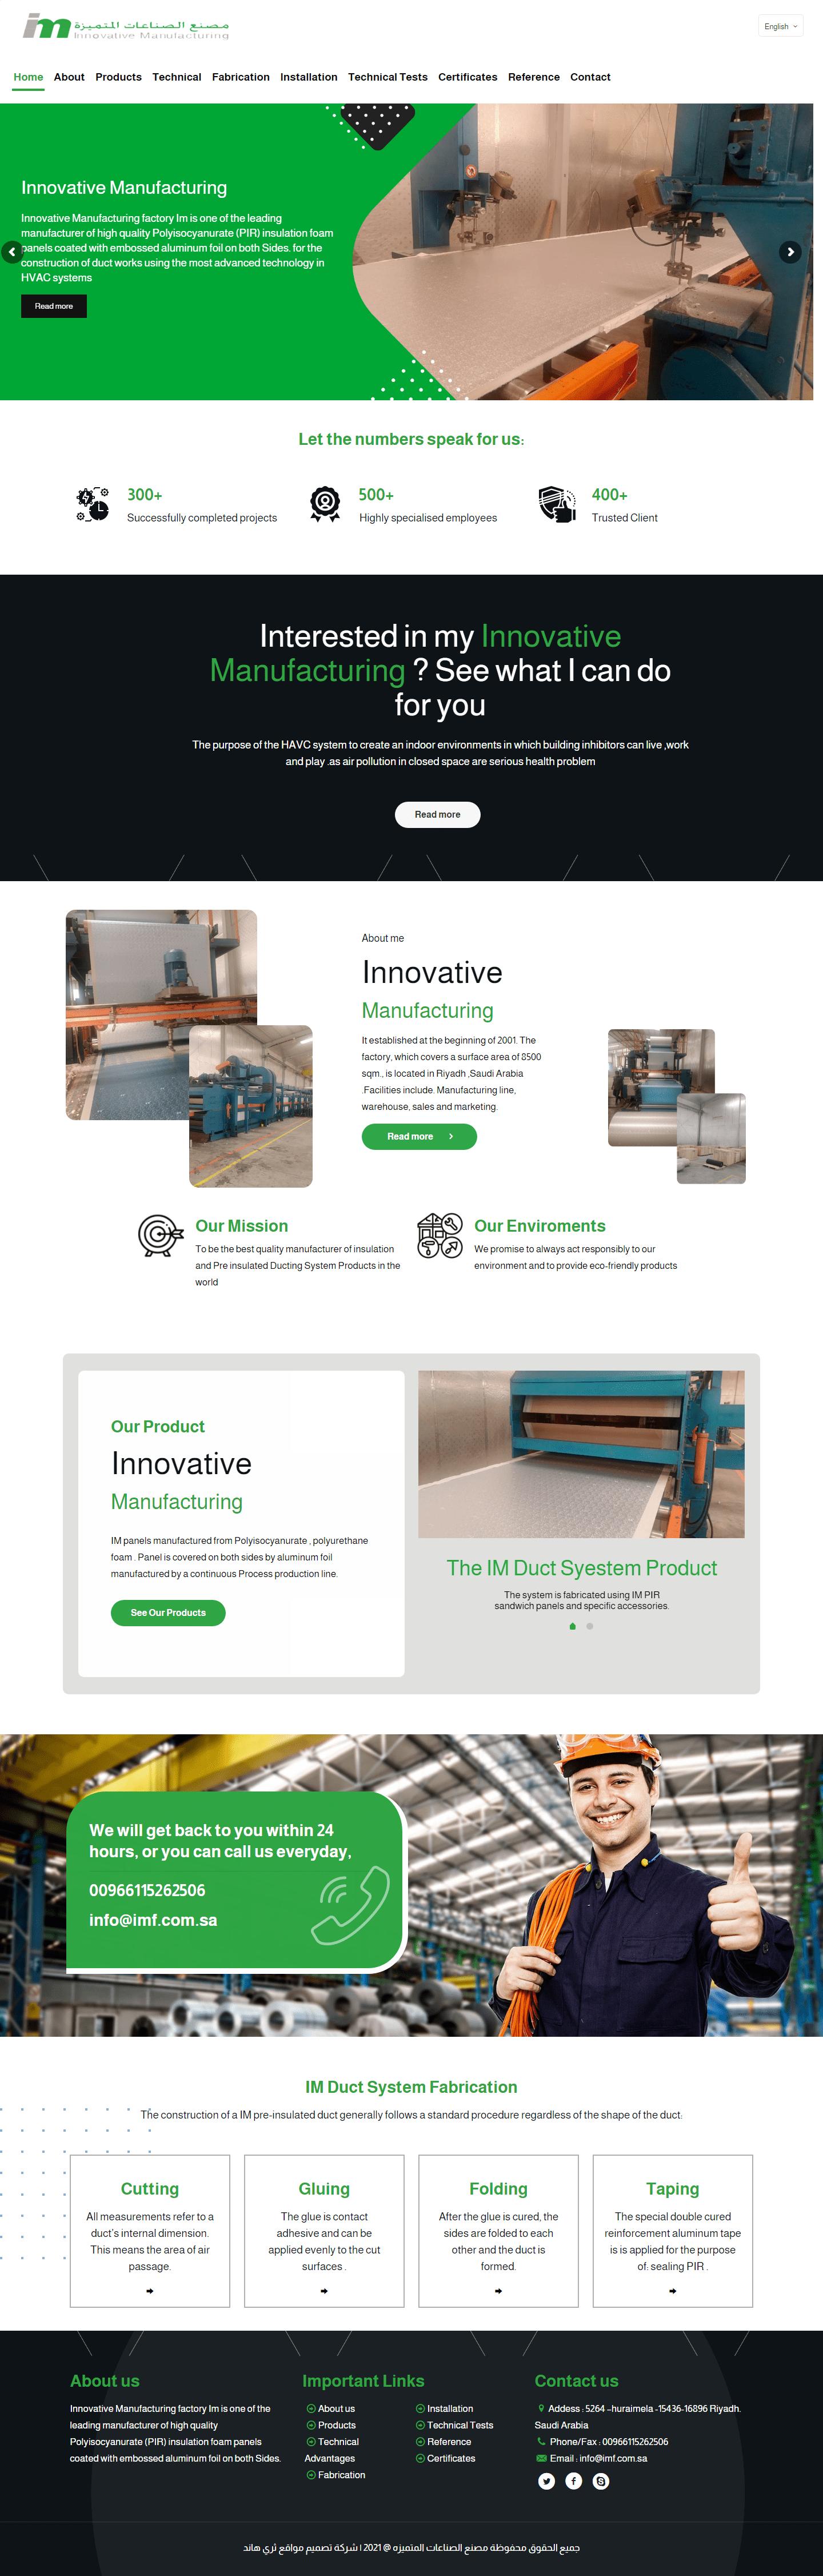 Innovative-manufacturing-established